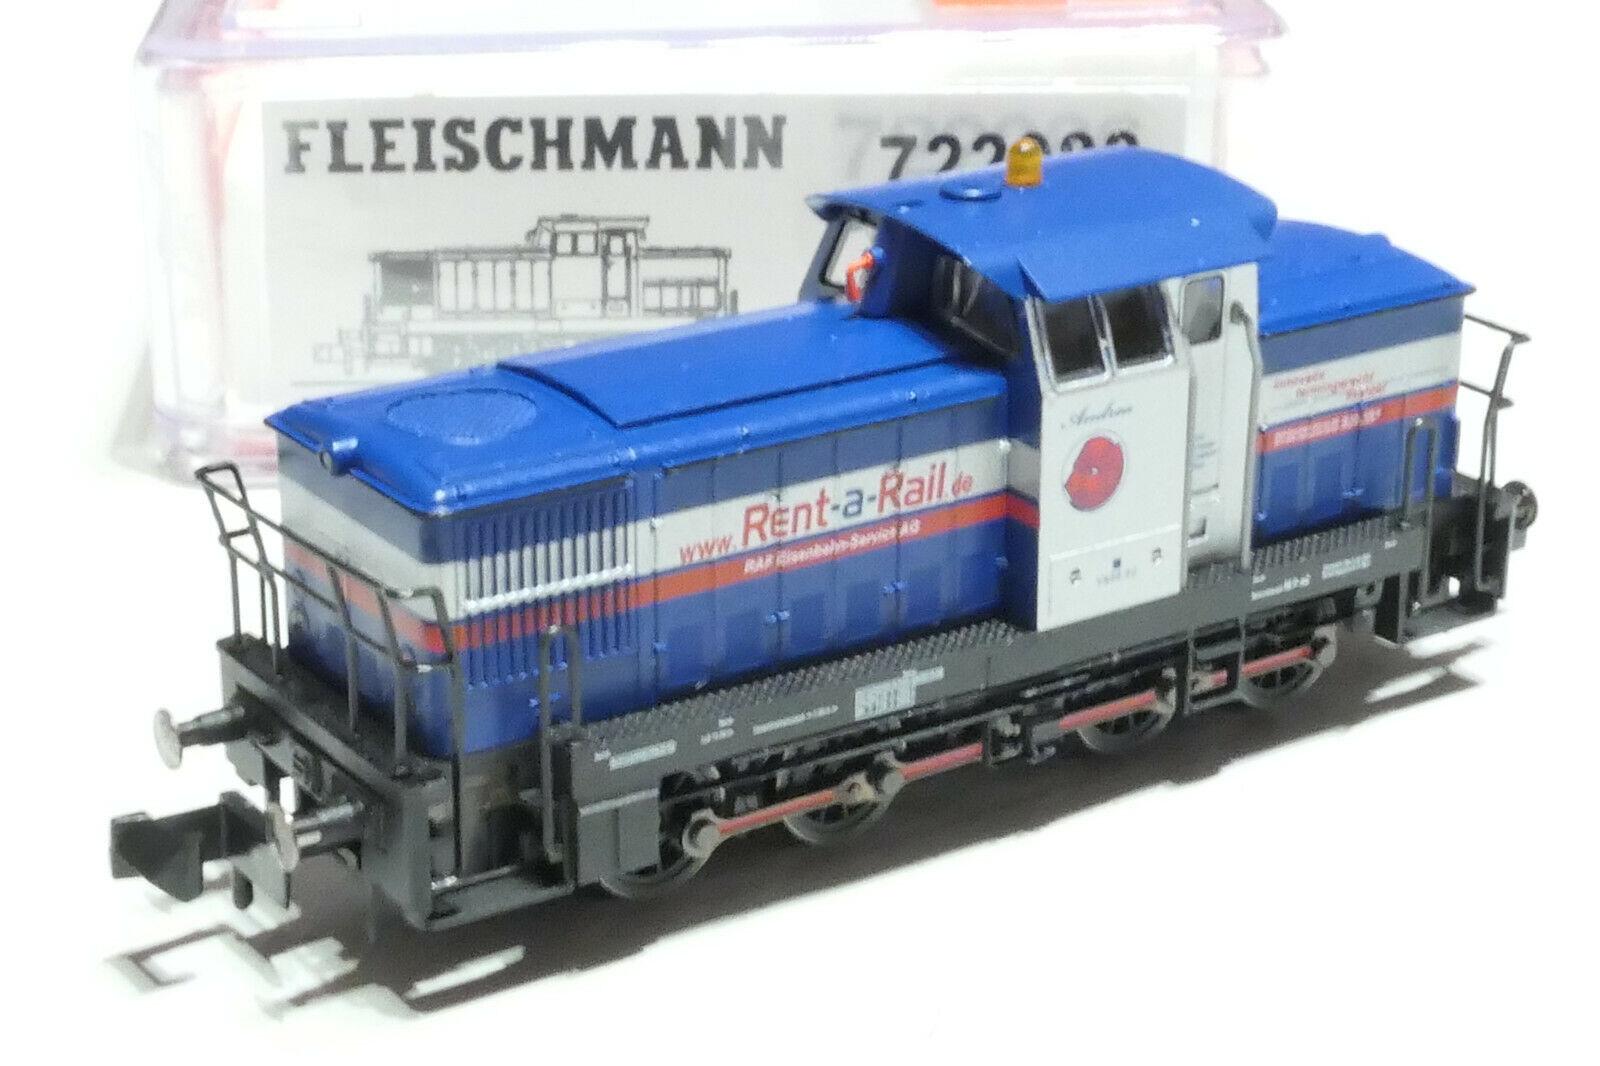 Fleischuomon N DB AG Rent a Rail v665.02 BLU 722088 NUOVO OVP Digital